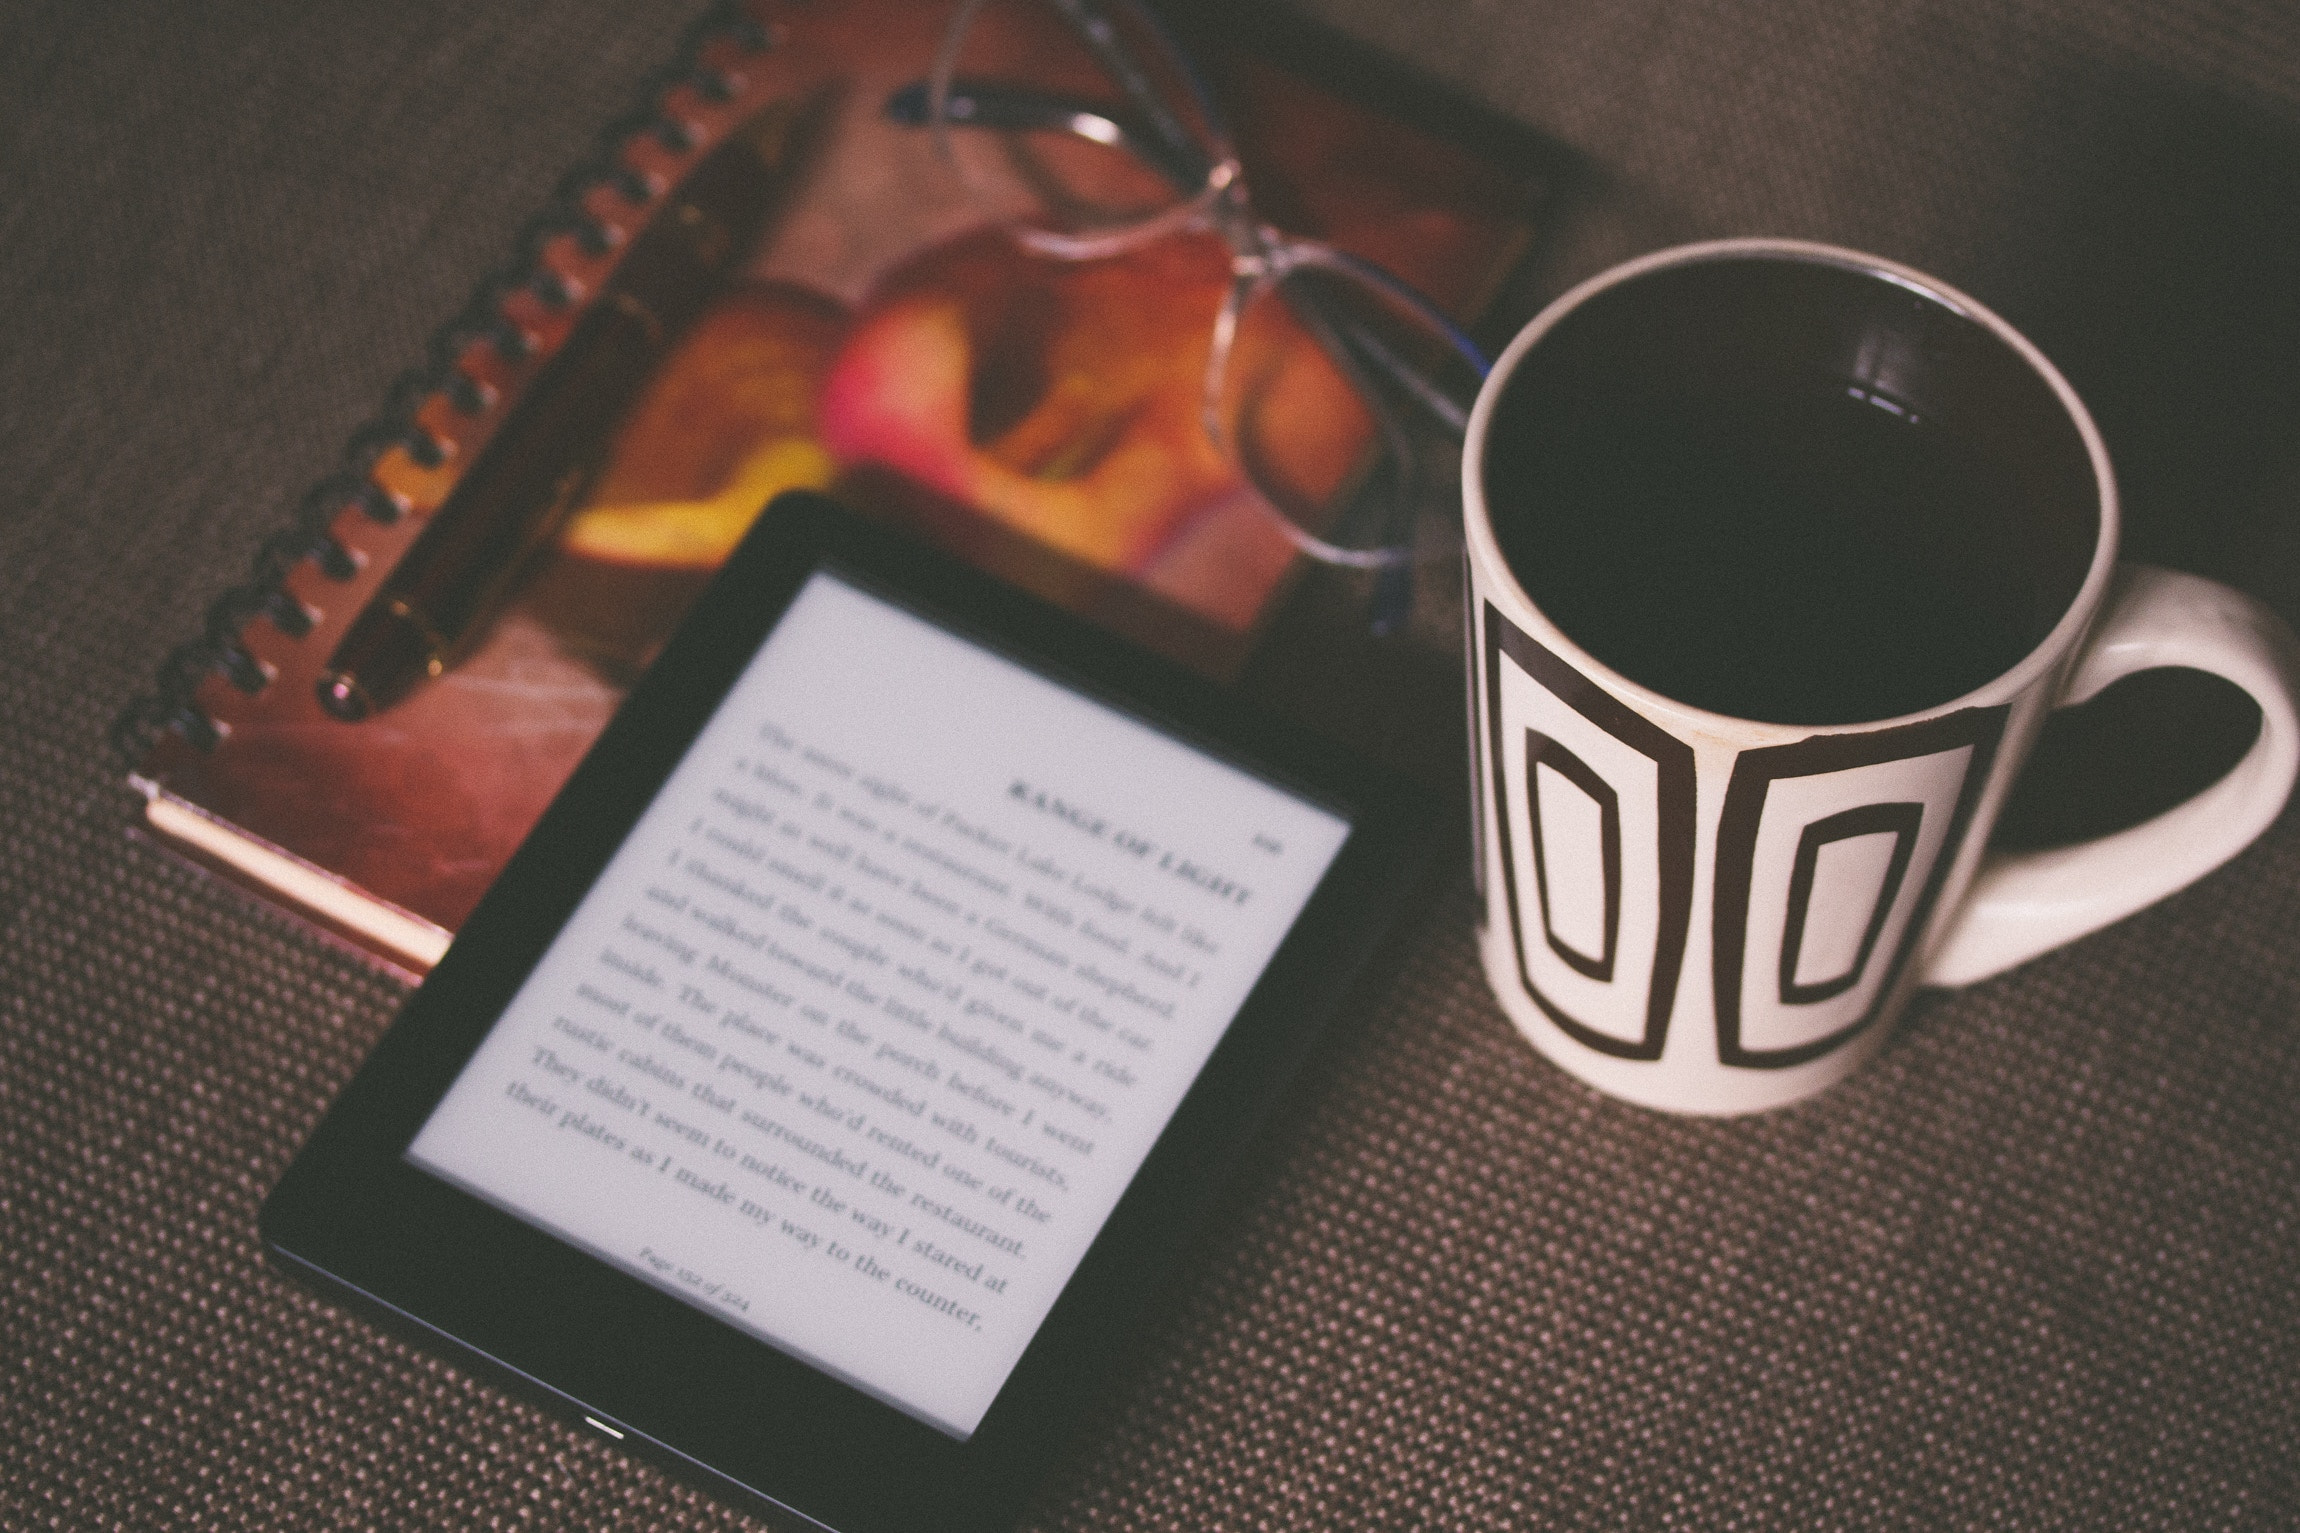 Los libros electrónicos son un recurso invaluable